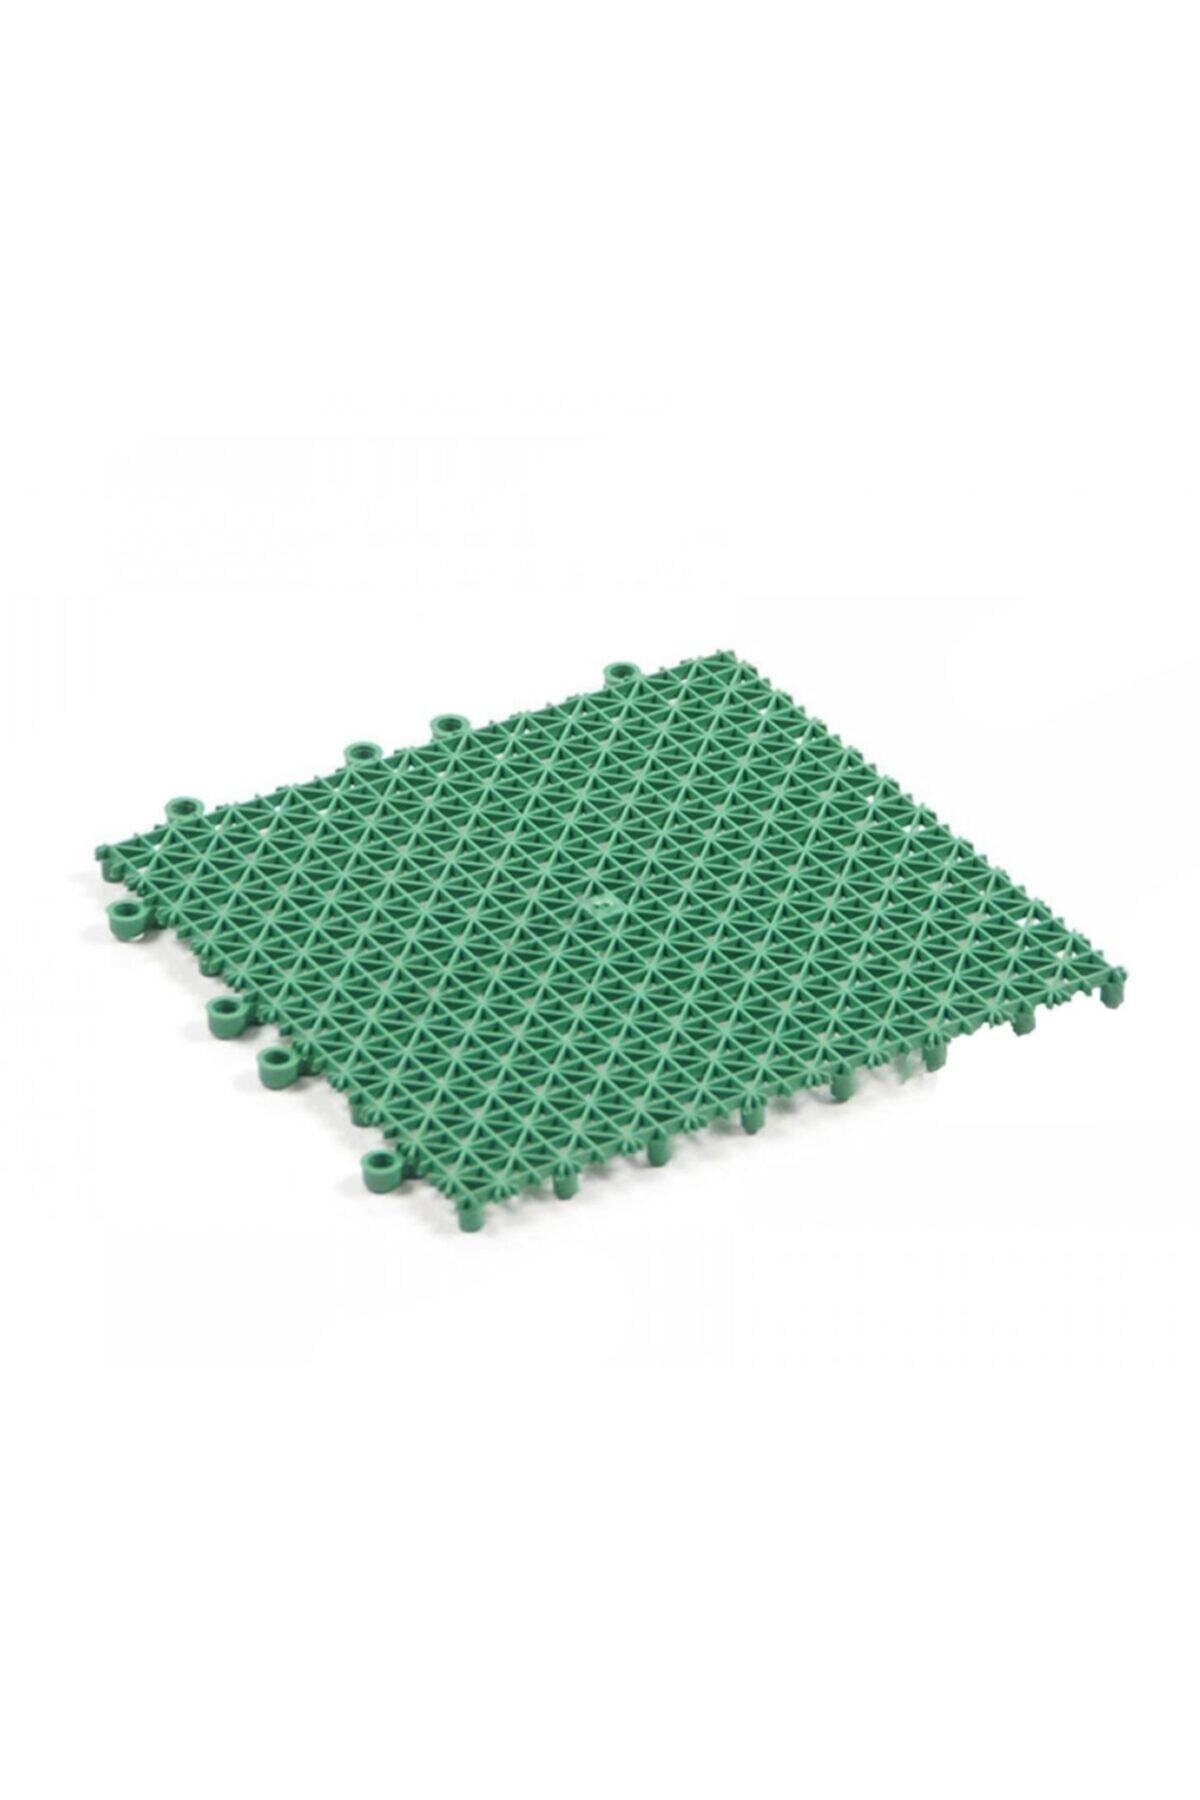 Plastik Kırılmaz Yer Karosu Zemin Kaplaması 1 M2 ( 16 Adet ) 25 X 25 Cm